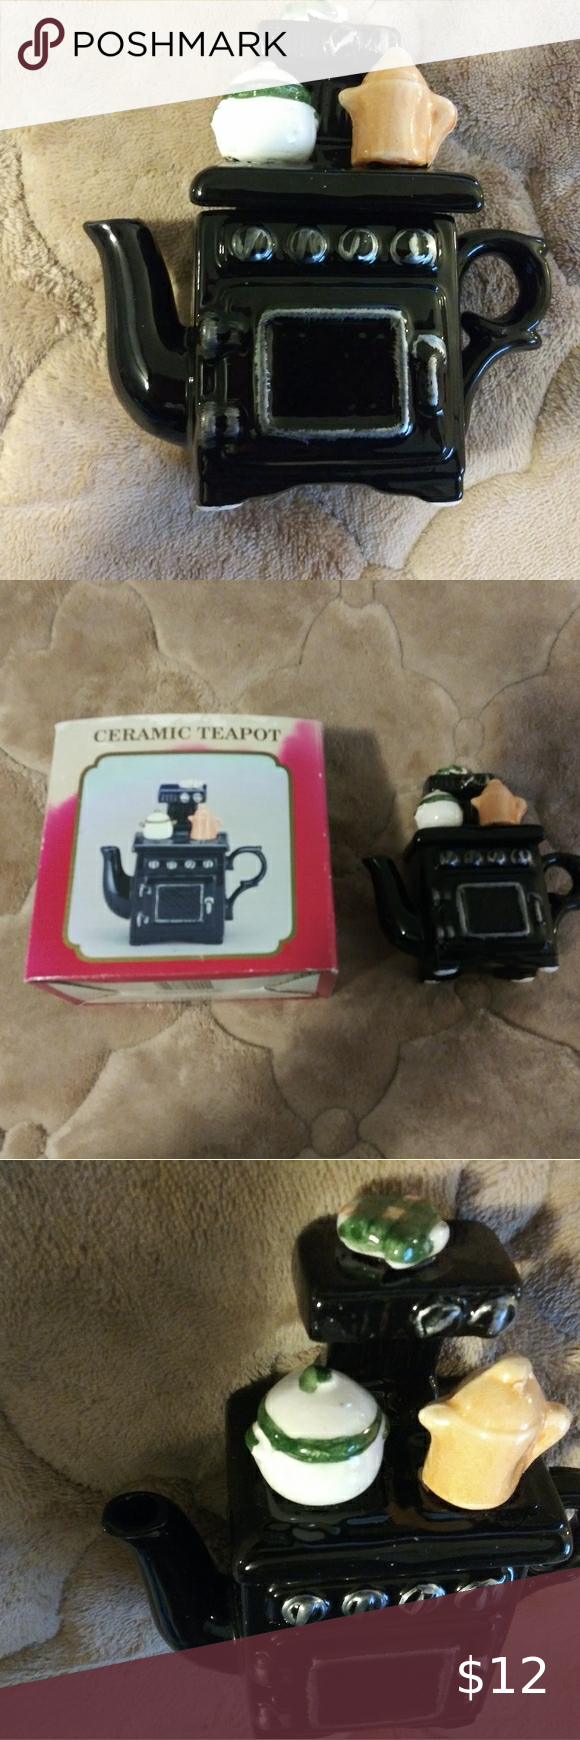 Vintage 1980's Ceramic Black Stove Teapot in 2020 Tea